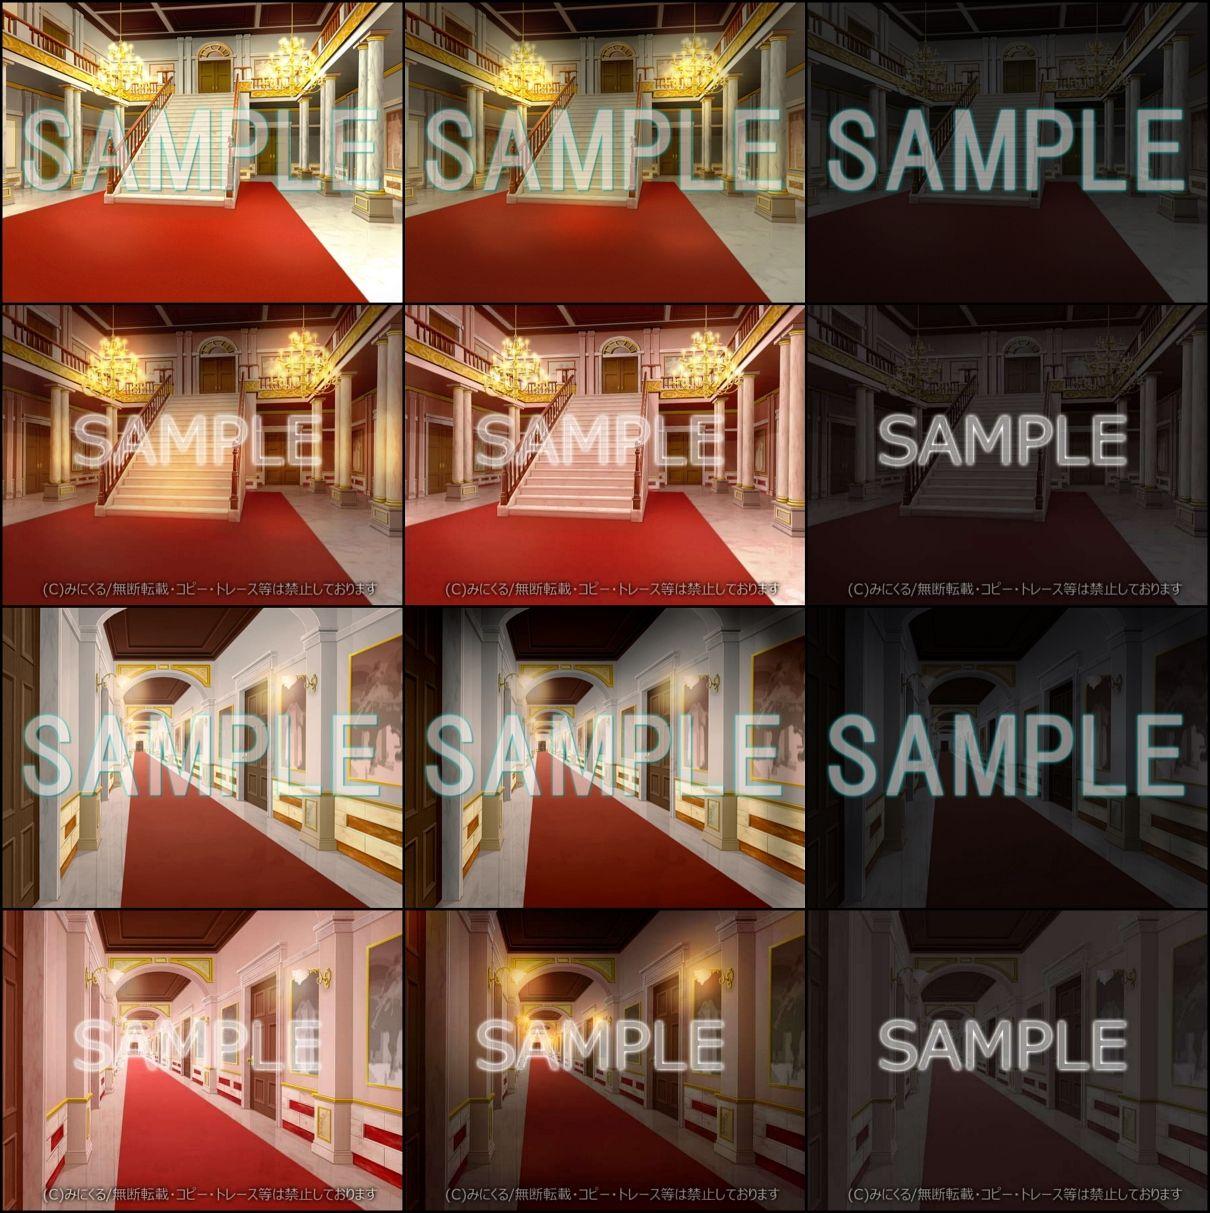 みにくる背景CG素材集『お屋敷編』part01 エロ画像